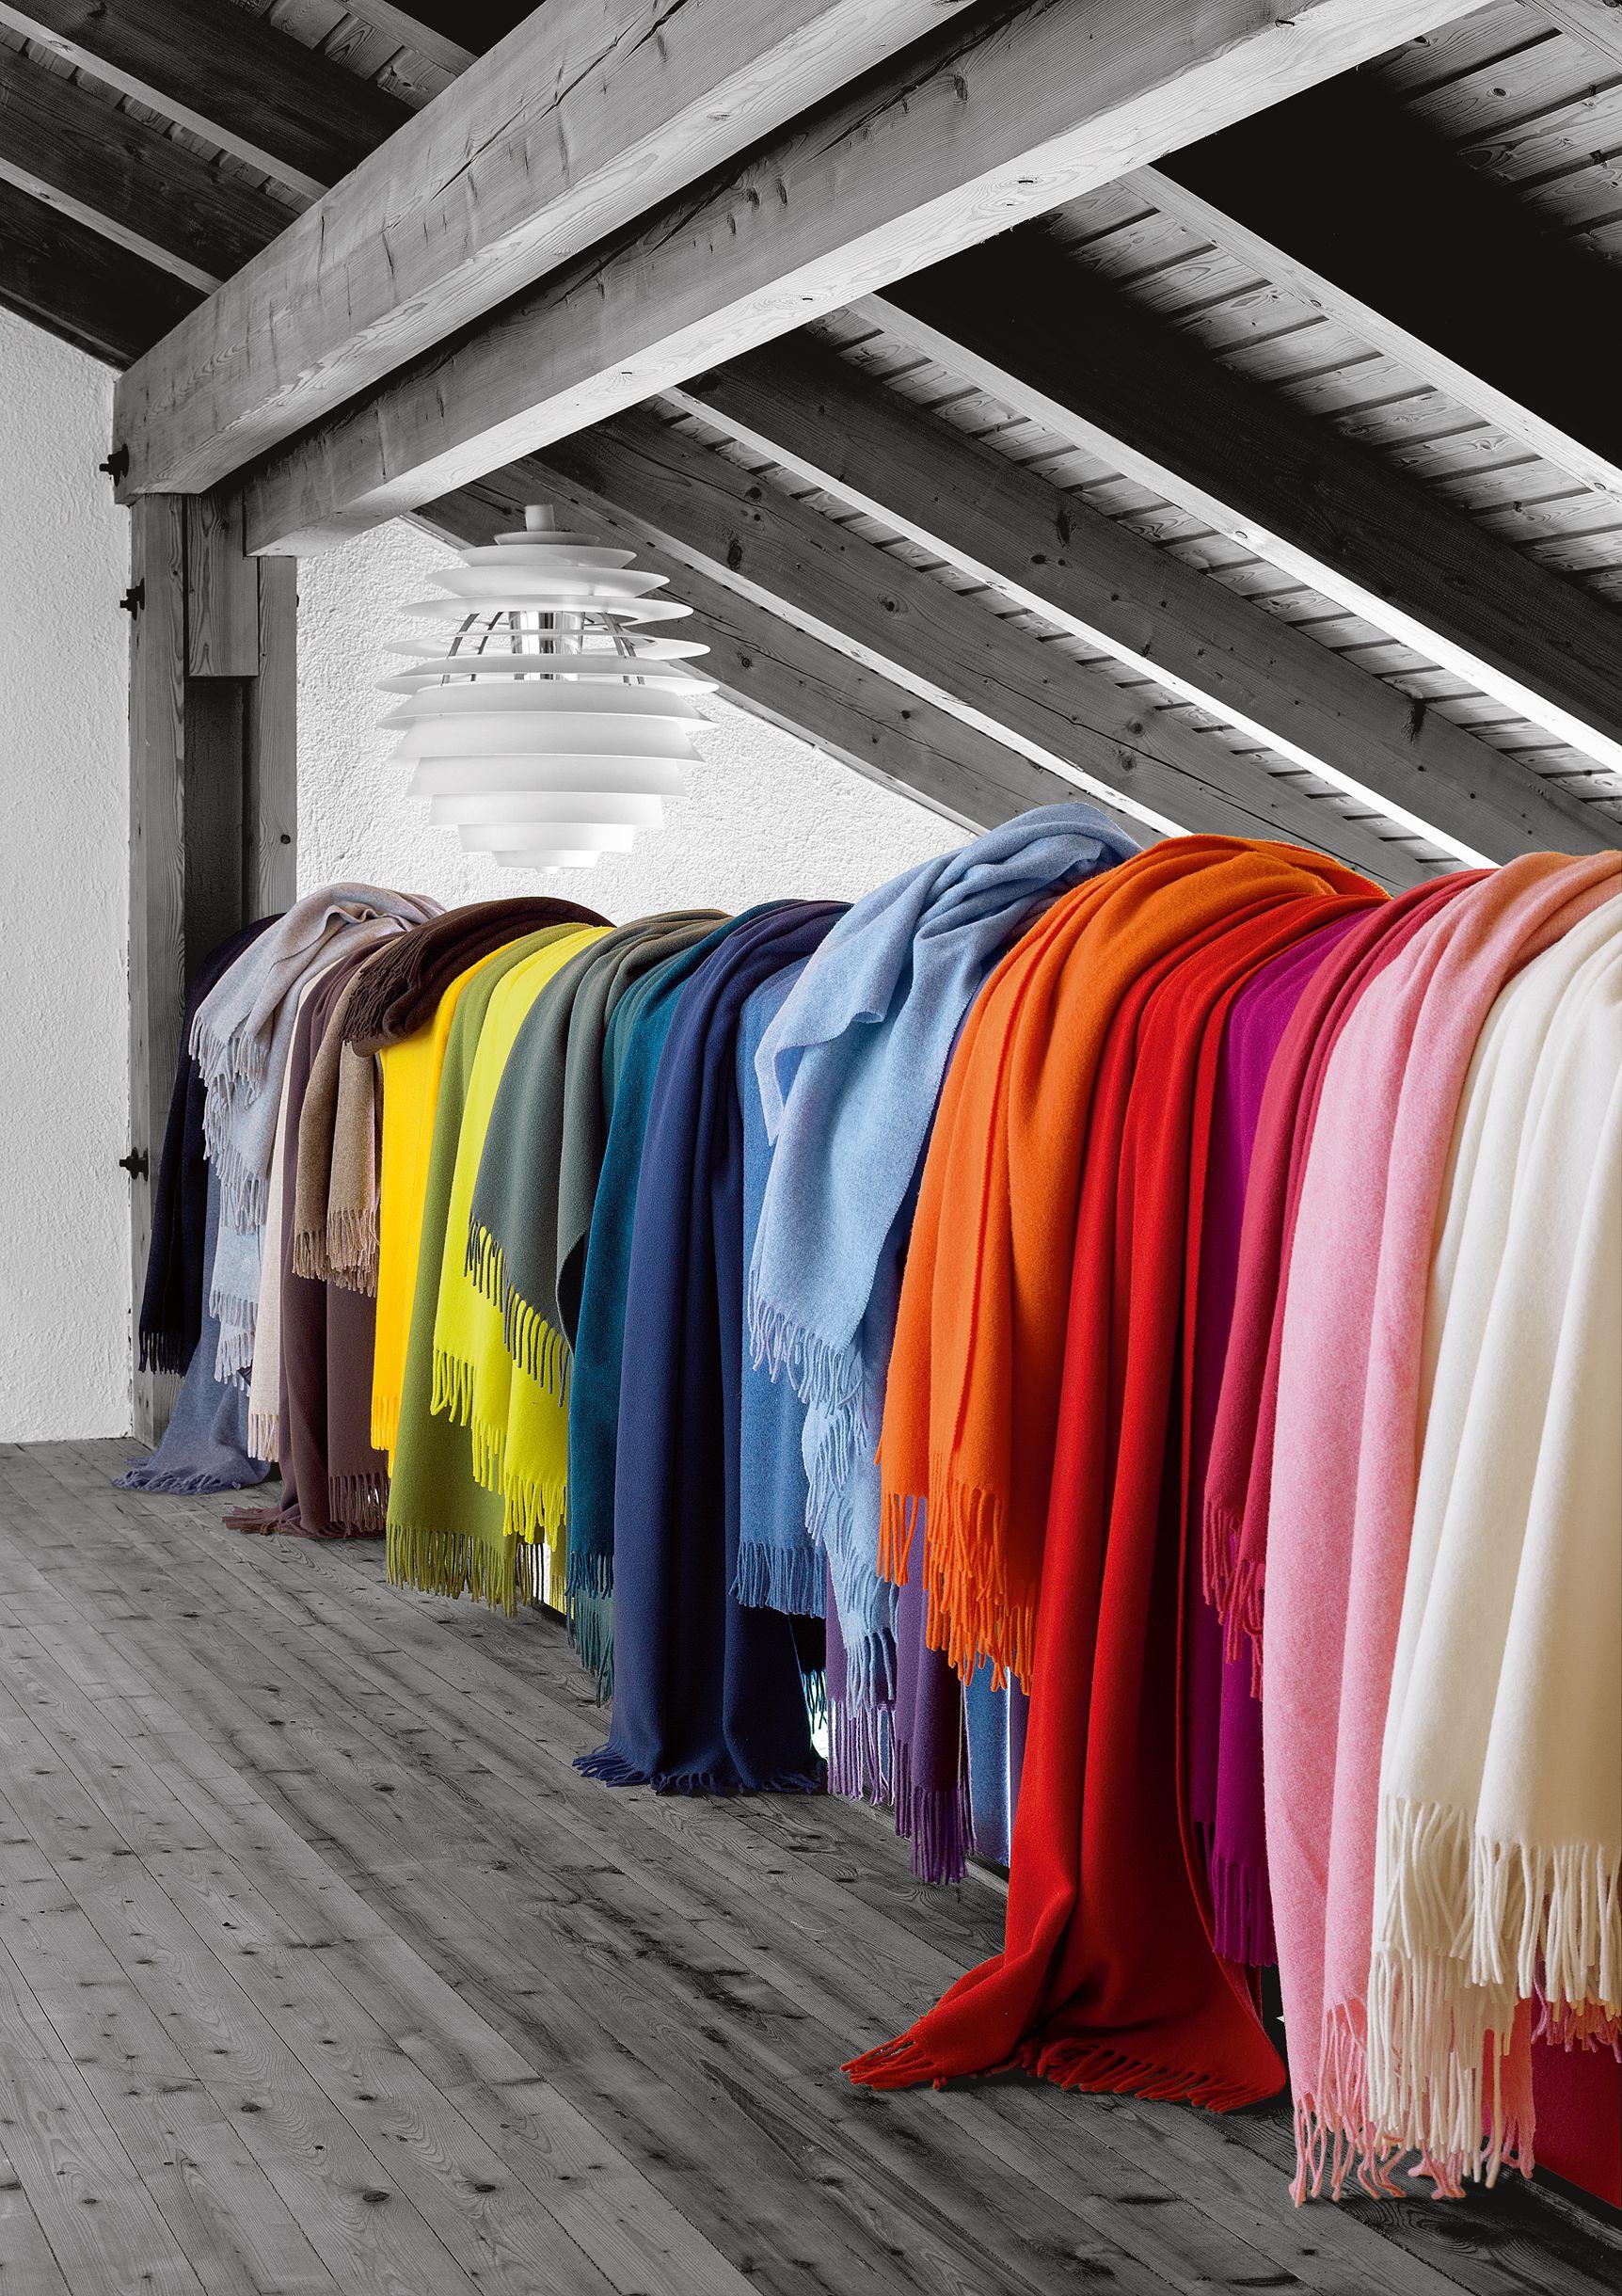 Ein echtes MUST HAVE: feines Schurwoll-Plaid in vielen tollen Farben kombinieren